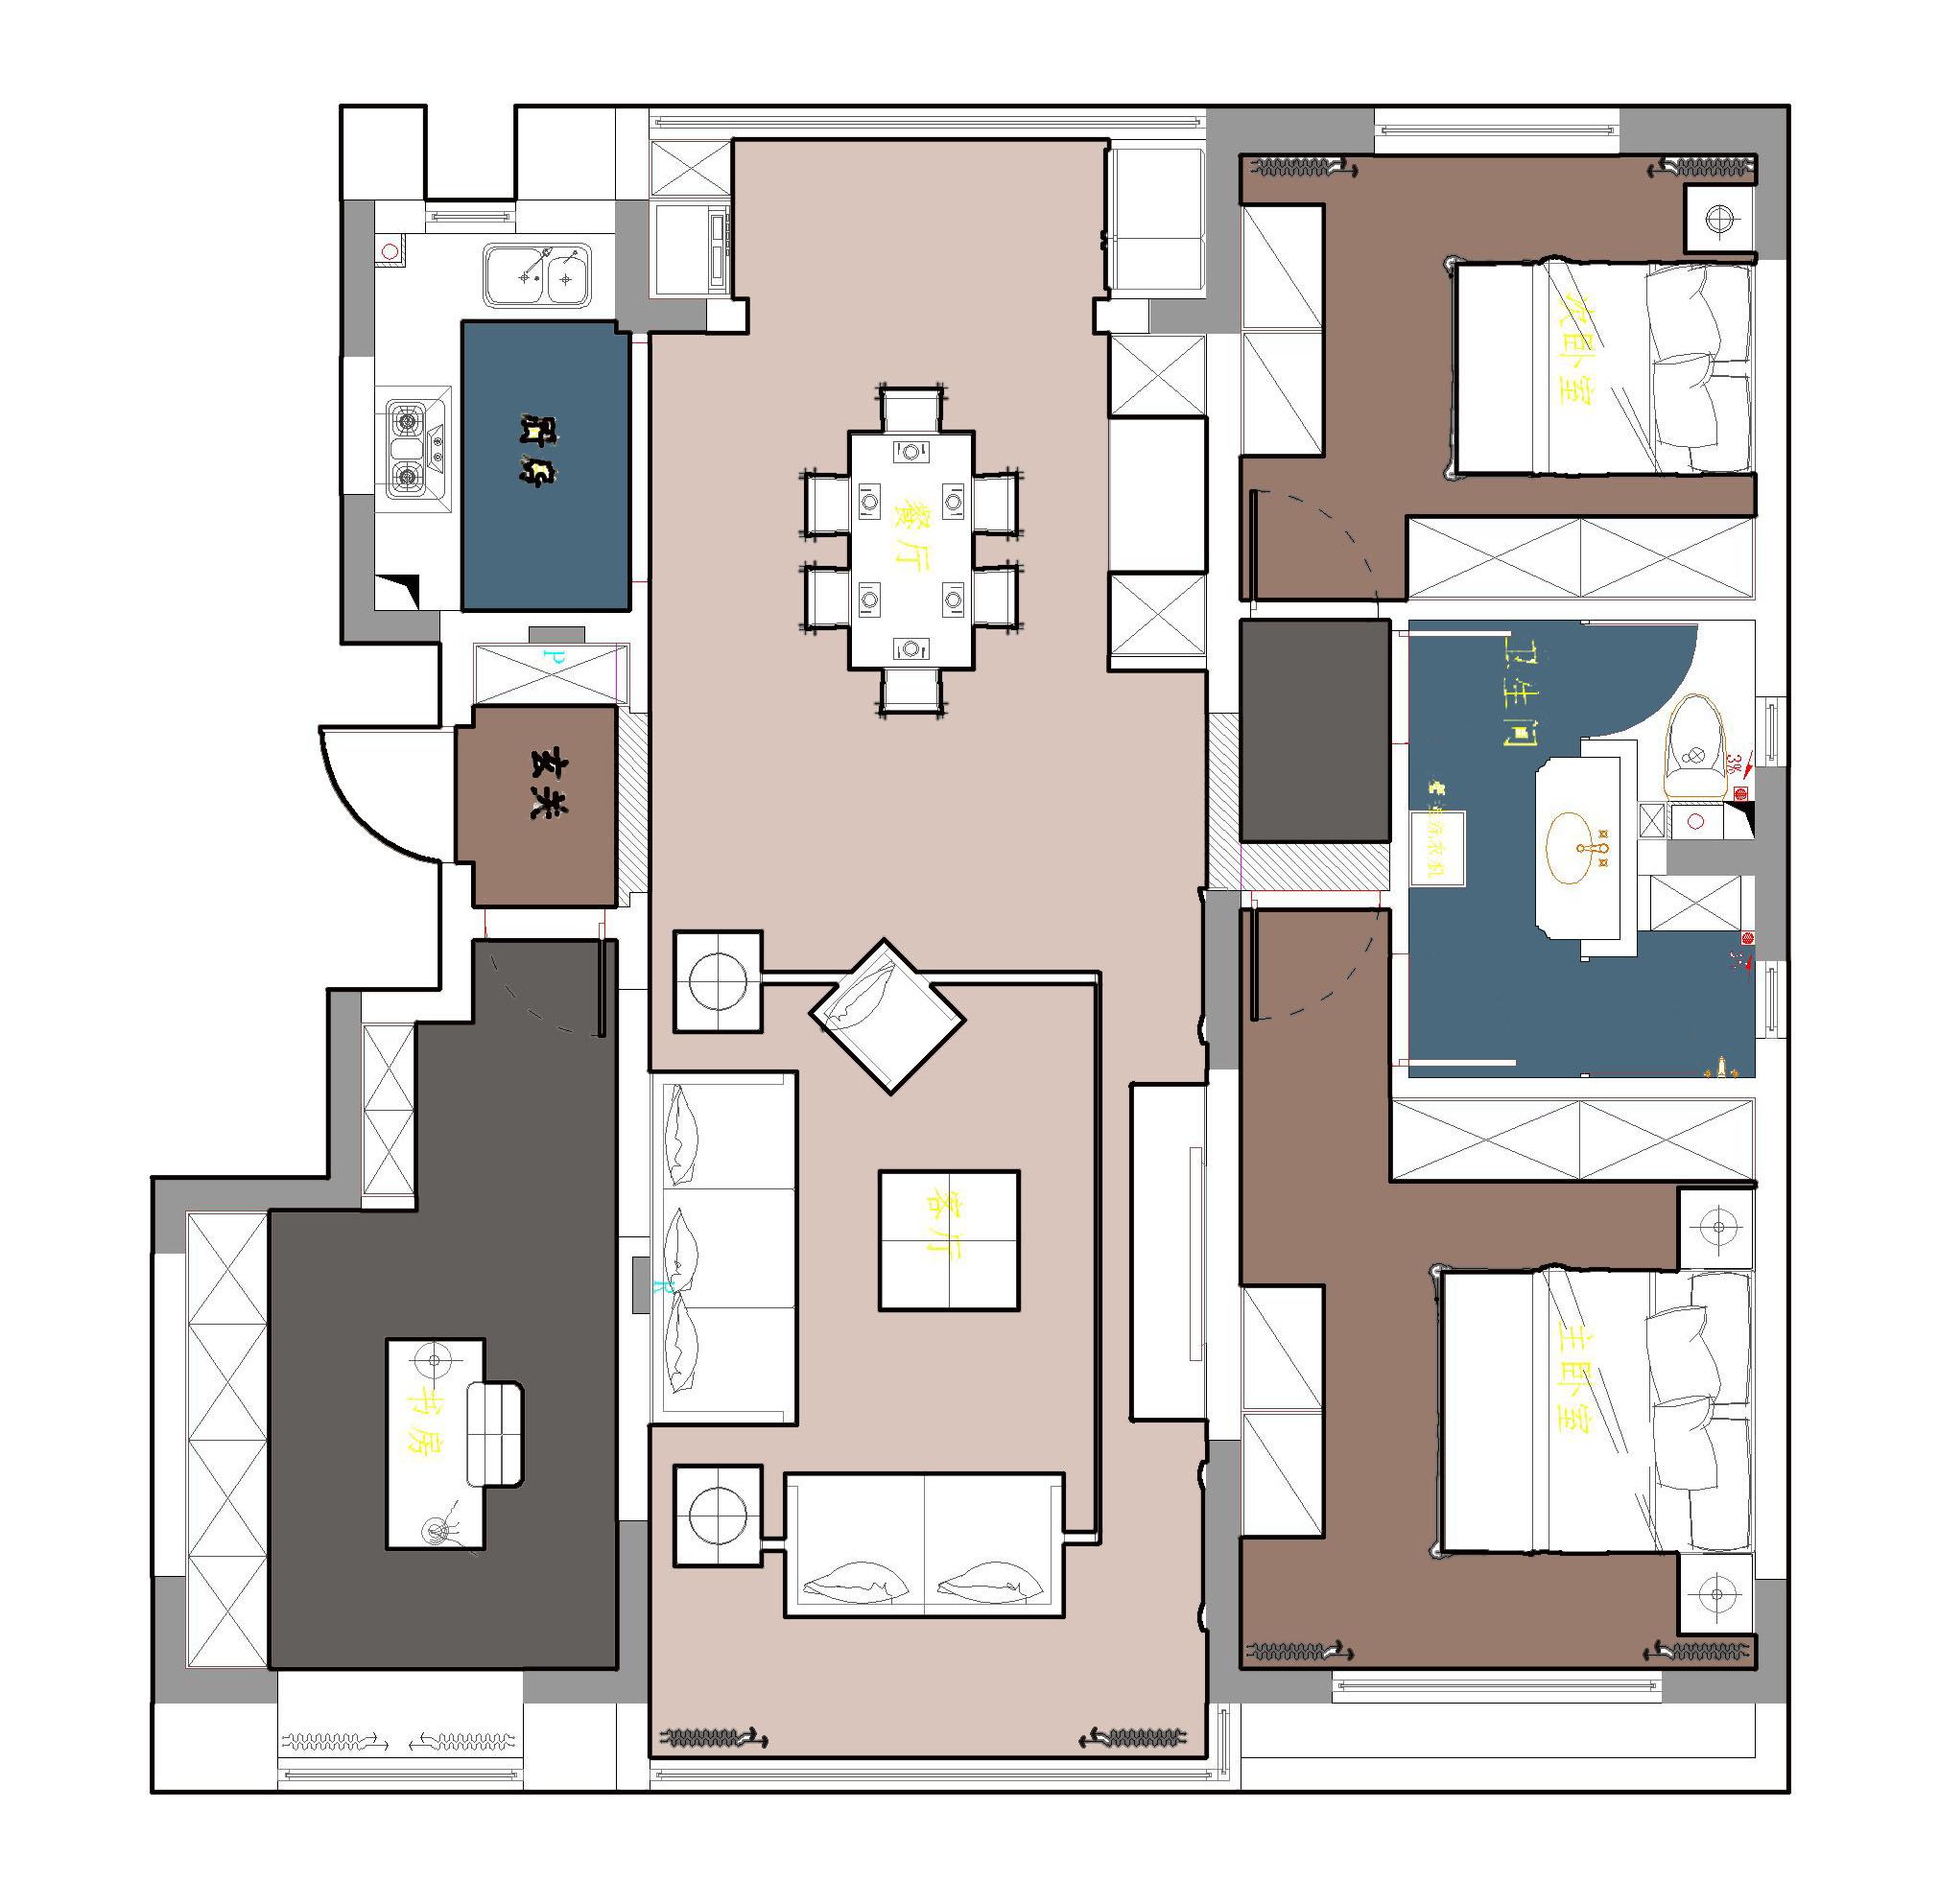 中航城·两河流域简欧风格111平效果图装修设计理念